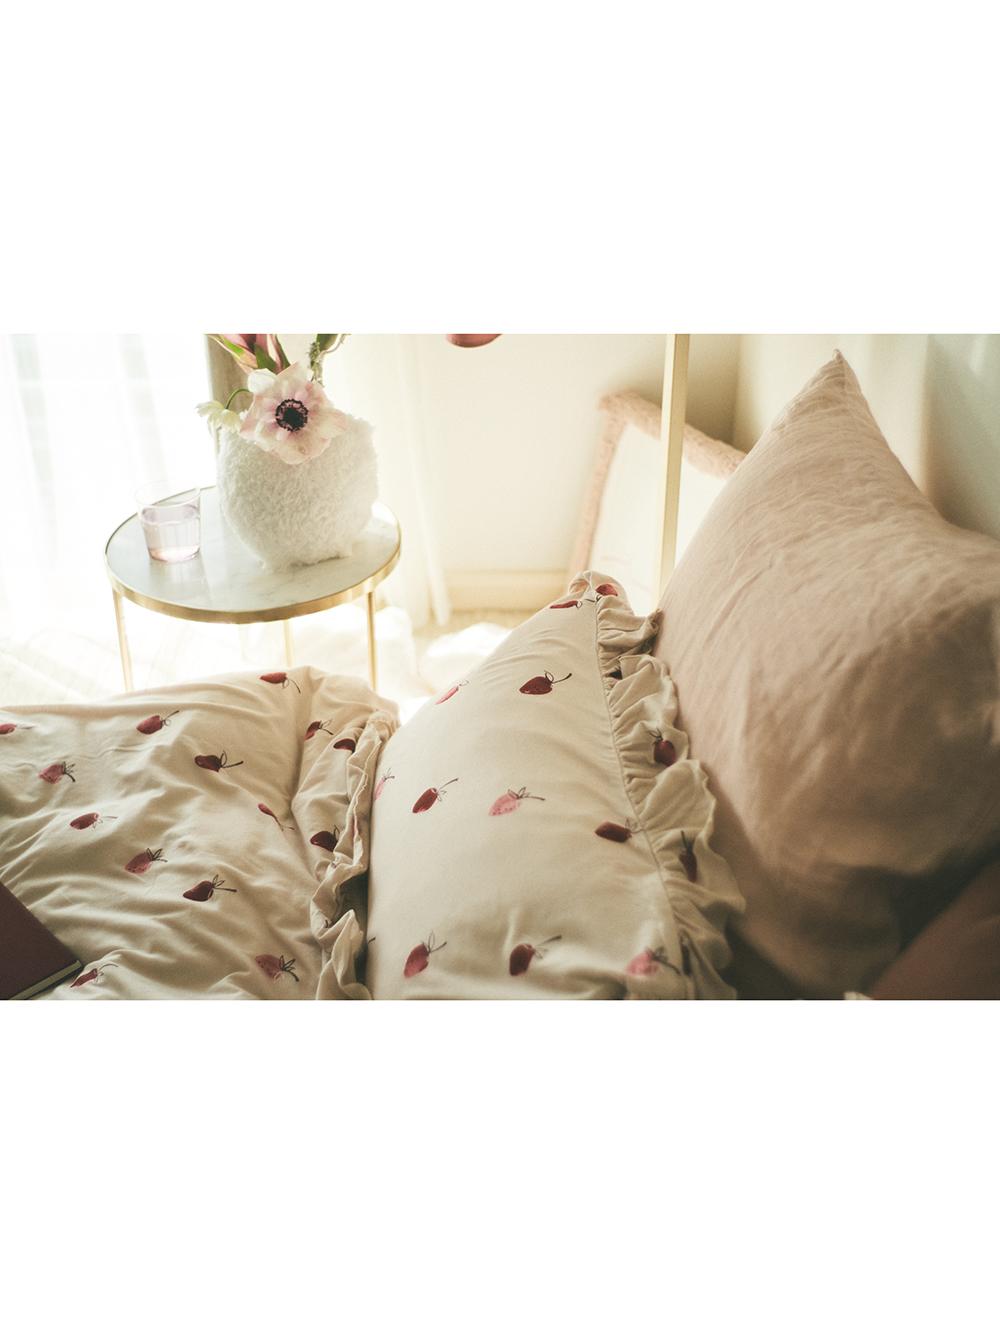 【Sleep】(セミダブル)ストロベリーモチーフ2点SET | PSGG211006